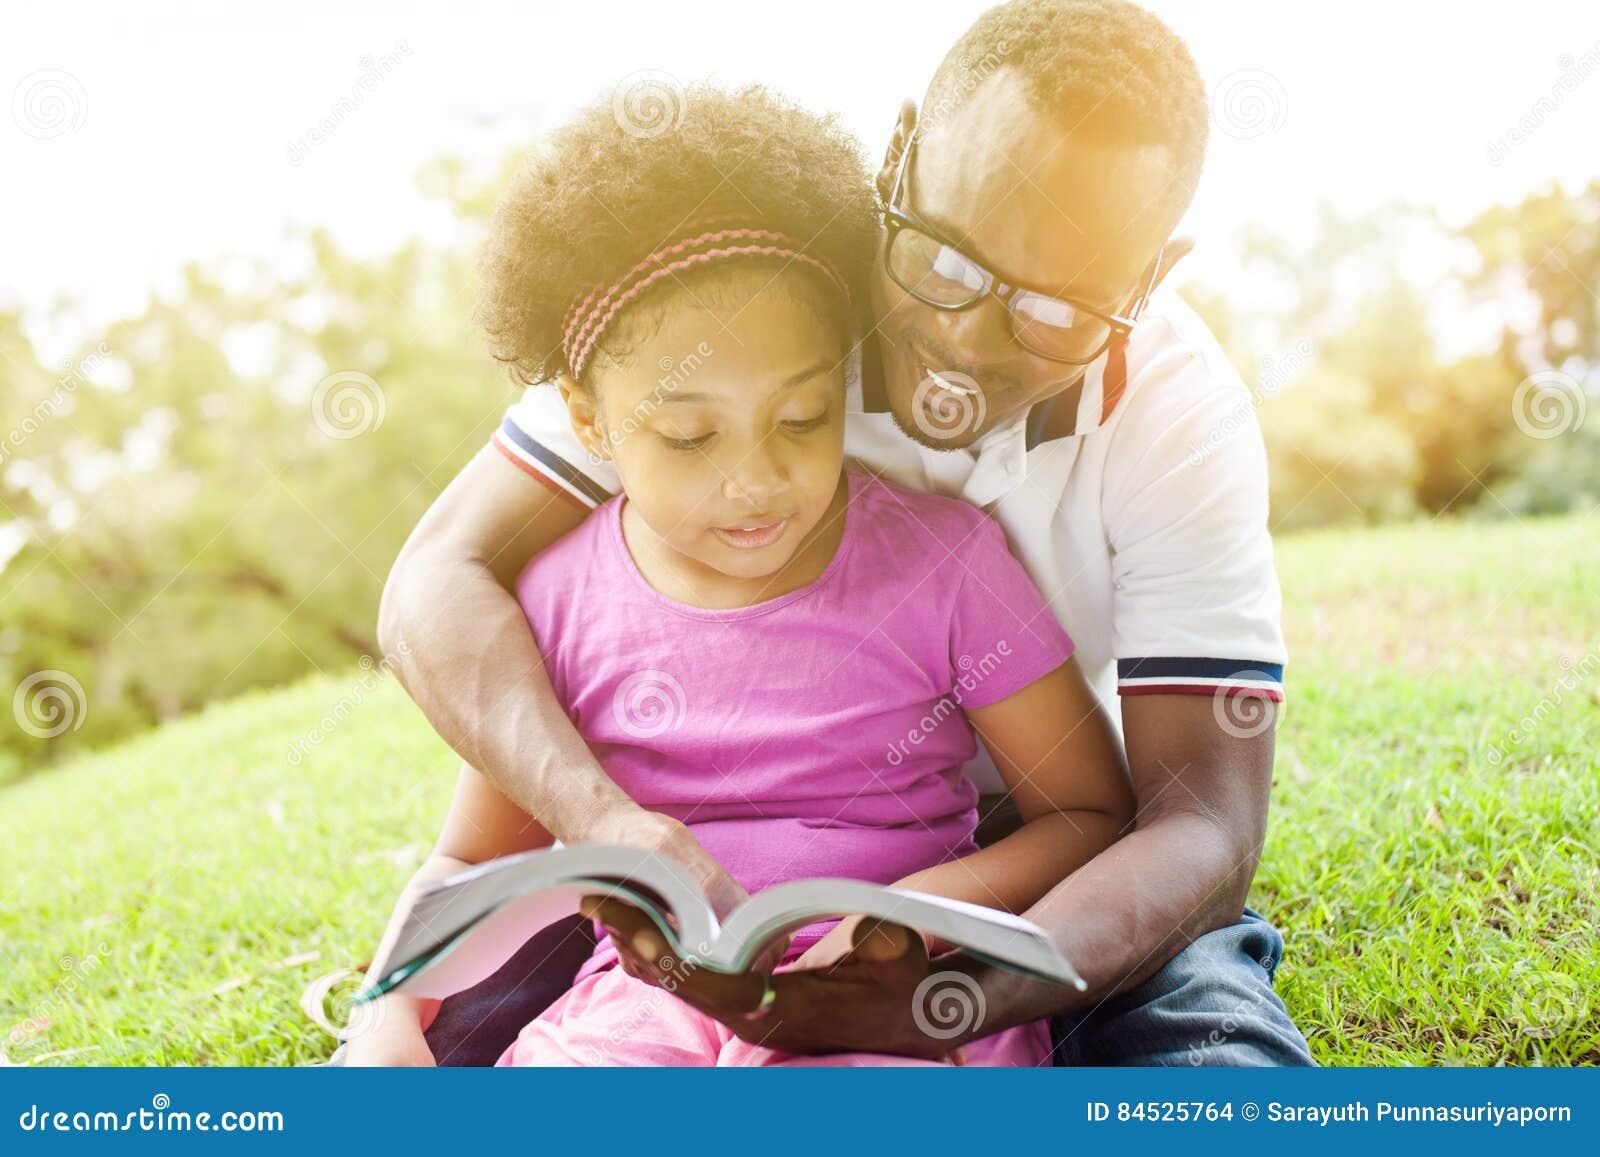 Afroamerikanerfamilie, die zusammen ein Buch im Park im Freien liest